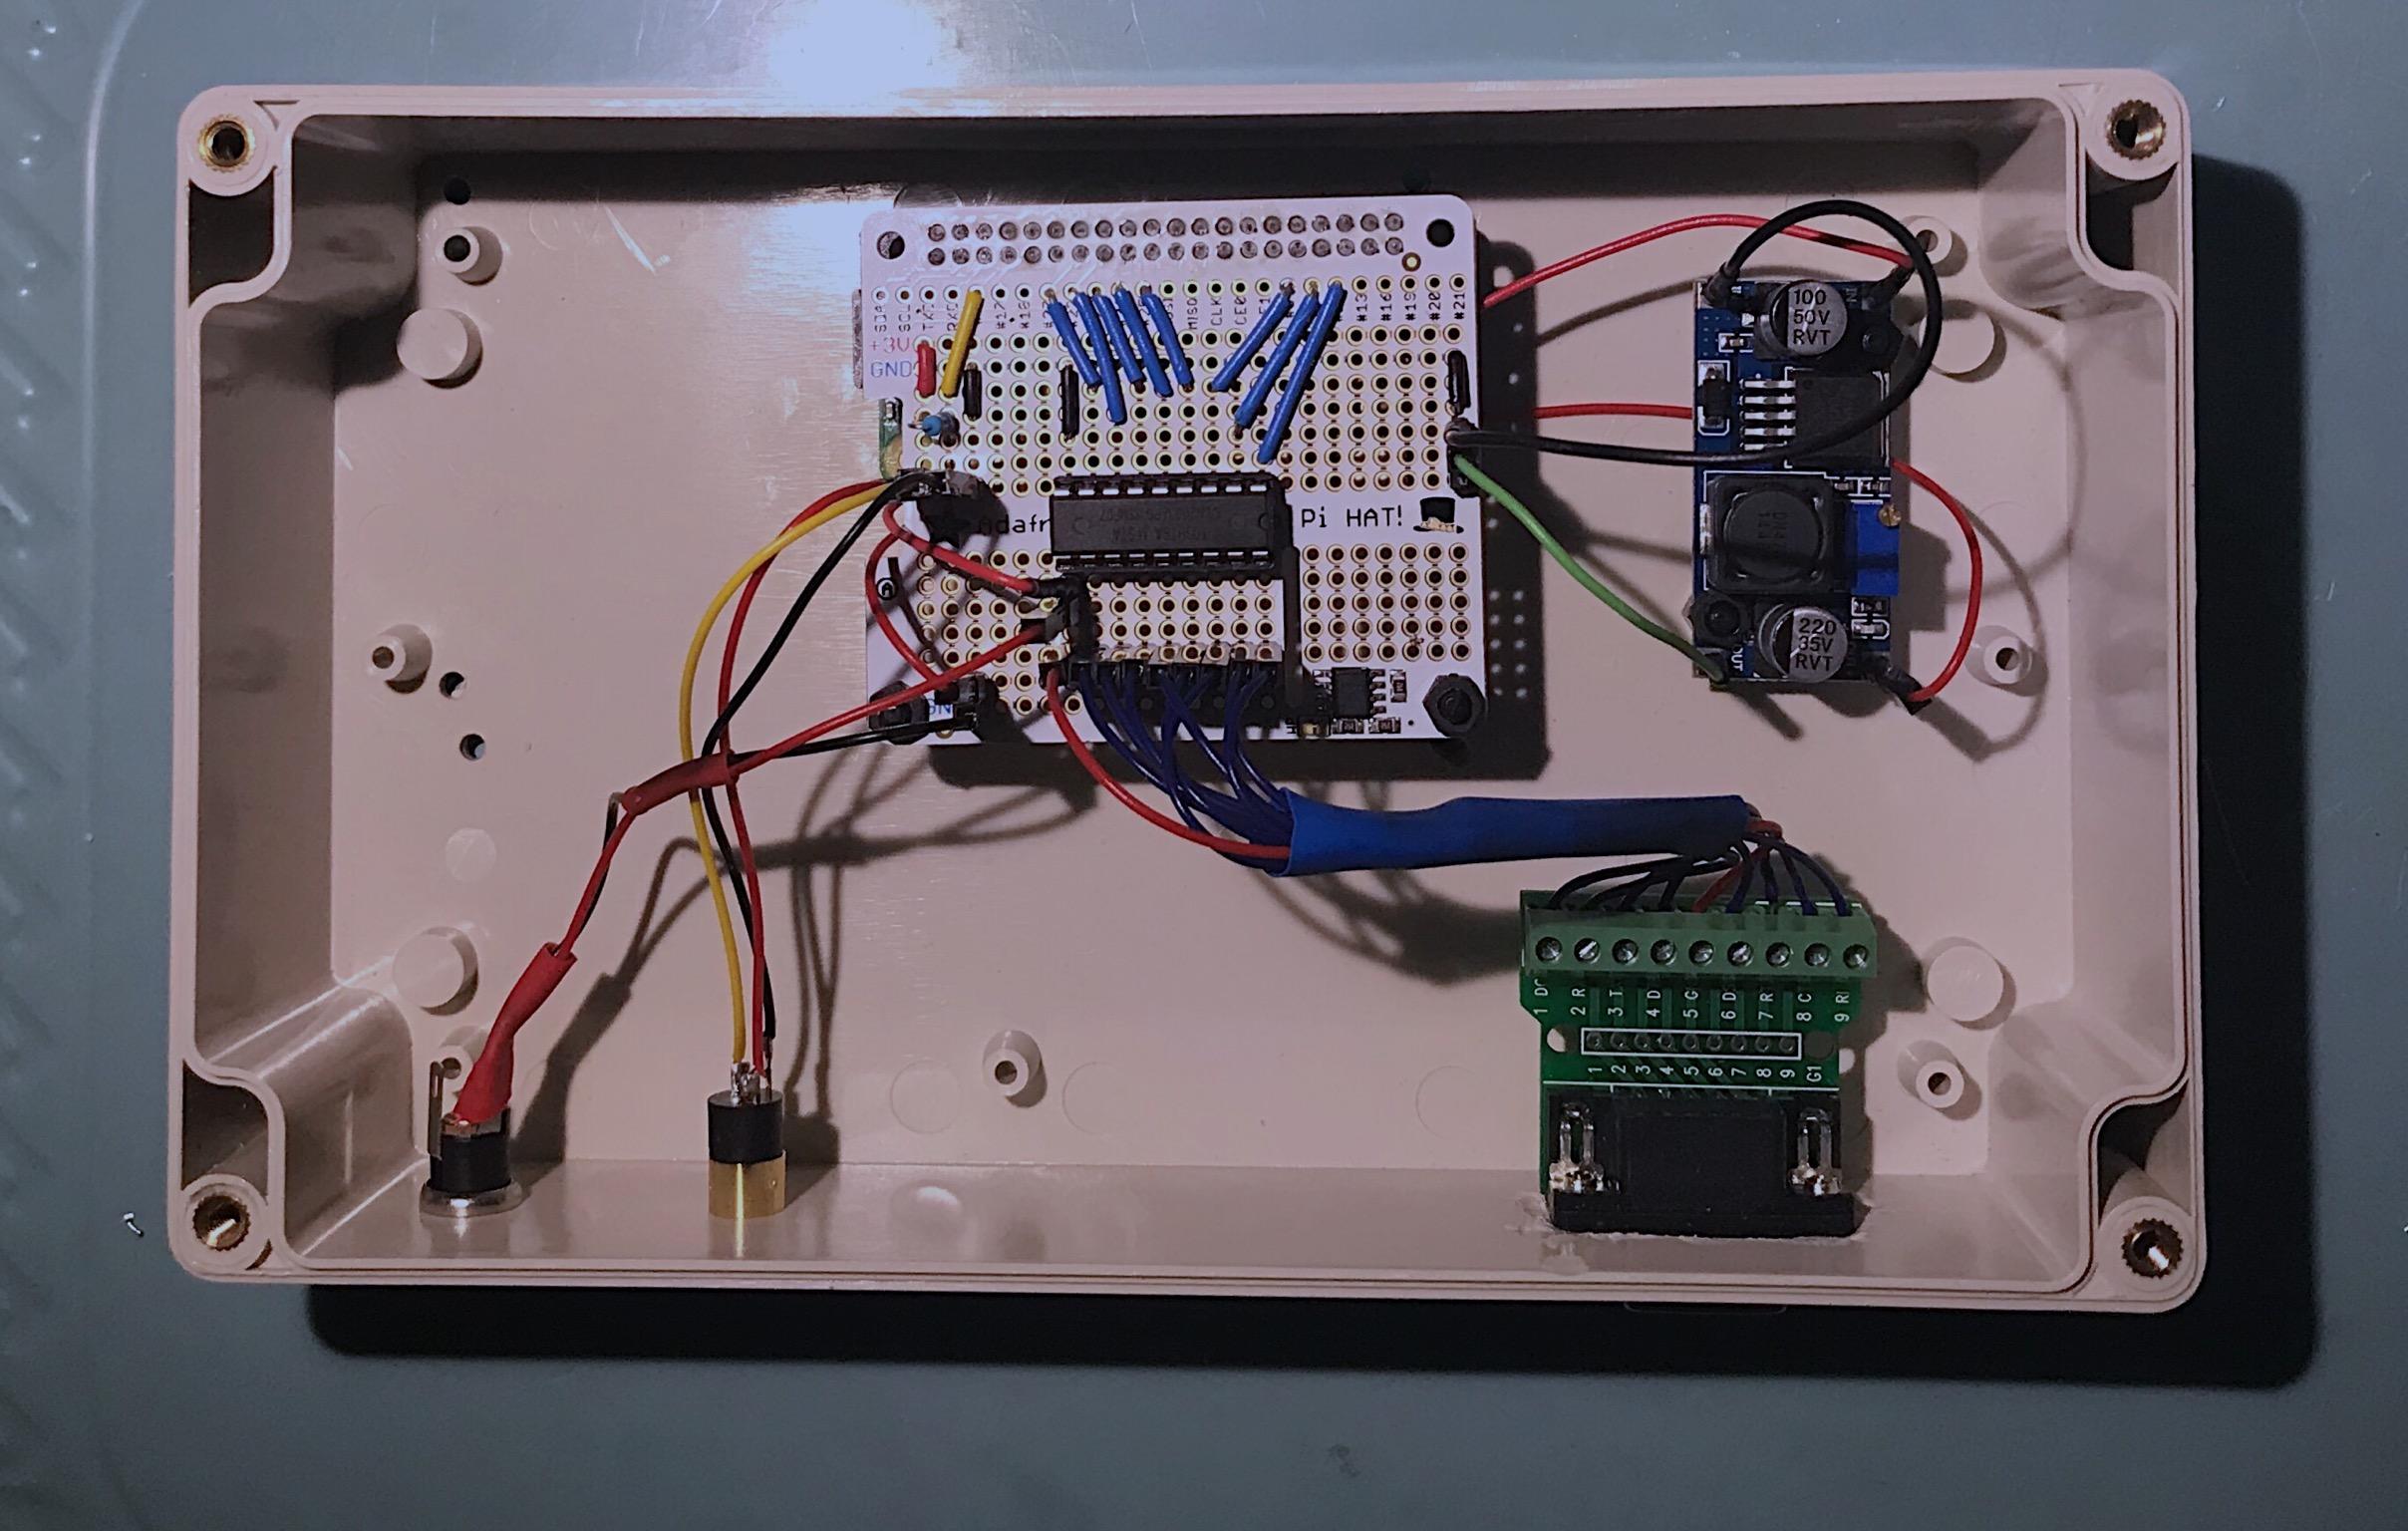 sensors_8DB55F8C-12B8-483C-9047-944096C06C8E.jpeg